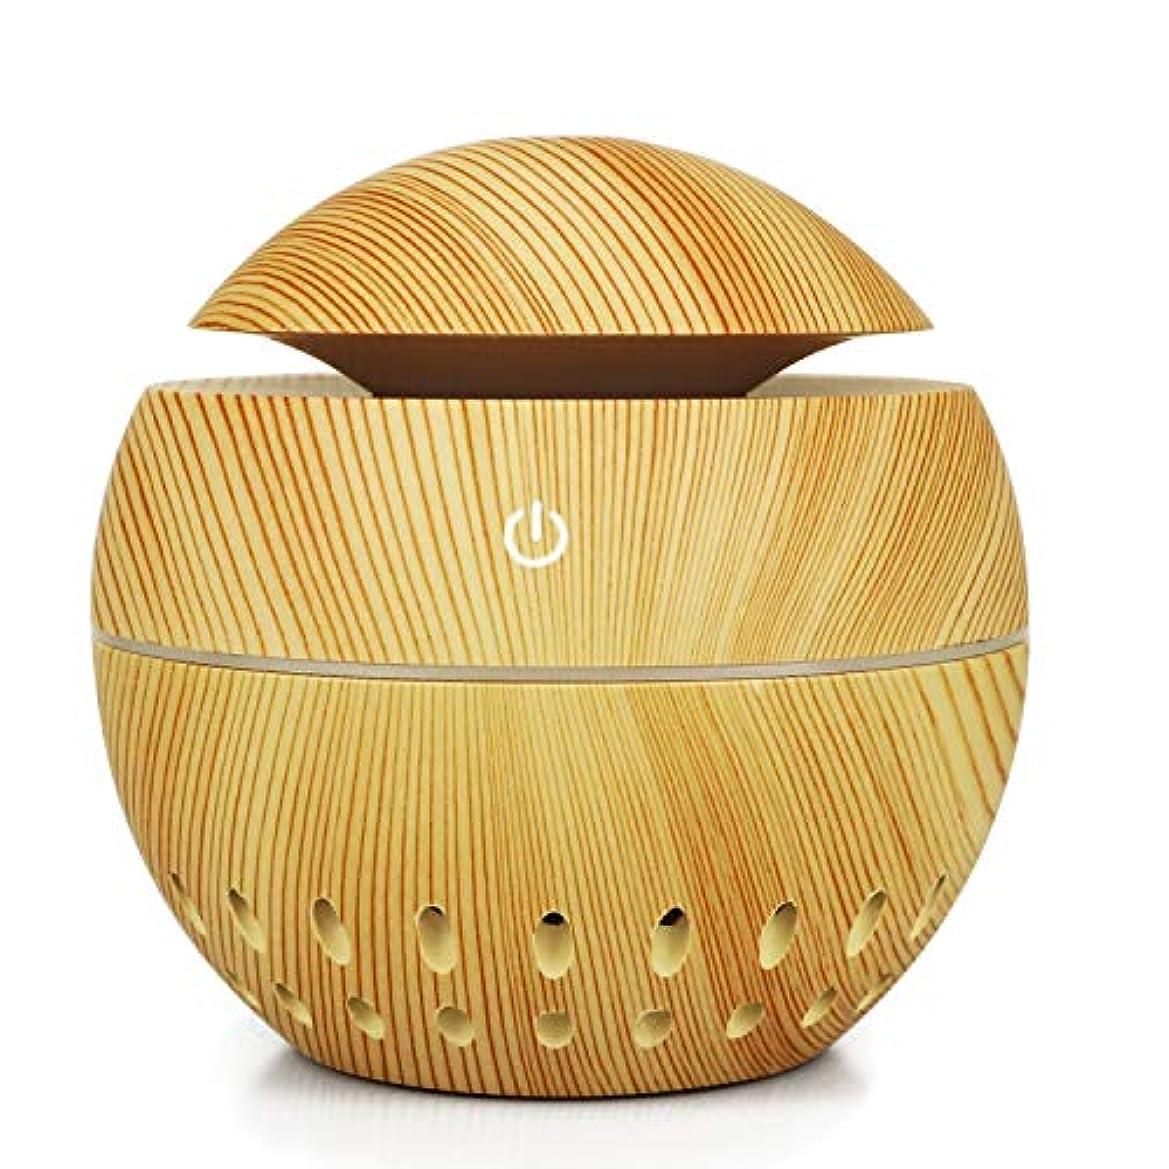 アノイふくろう動機加湿器USBウッドグレイン中空加湿器きのこマシン総本店小型家電、ブラウン (Color : Brass)